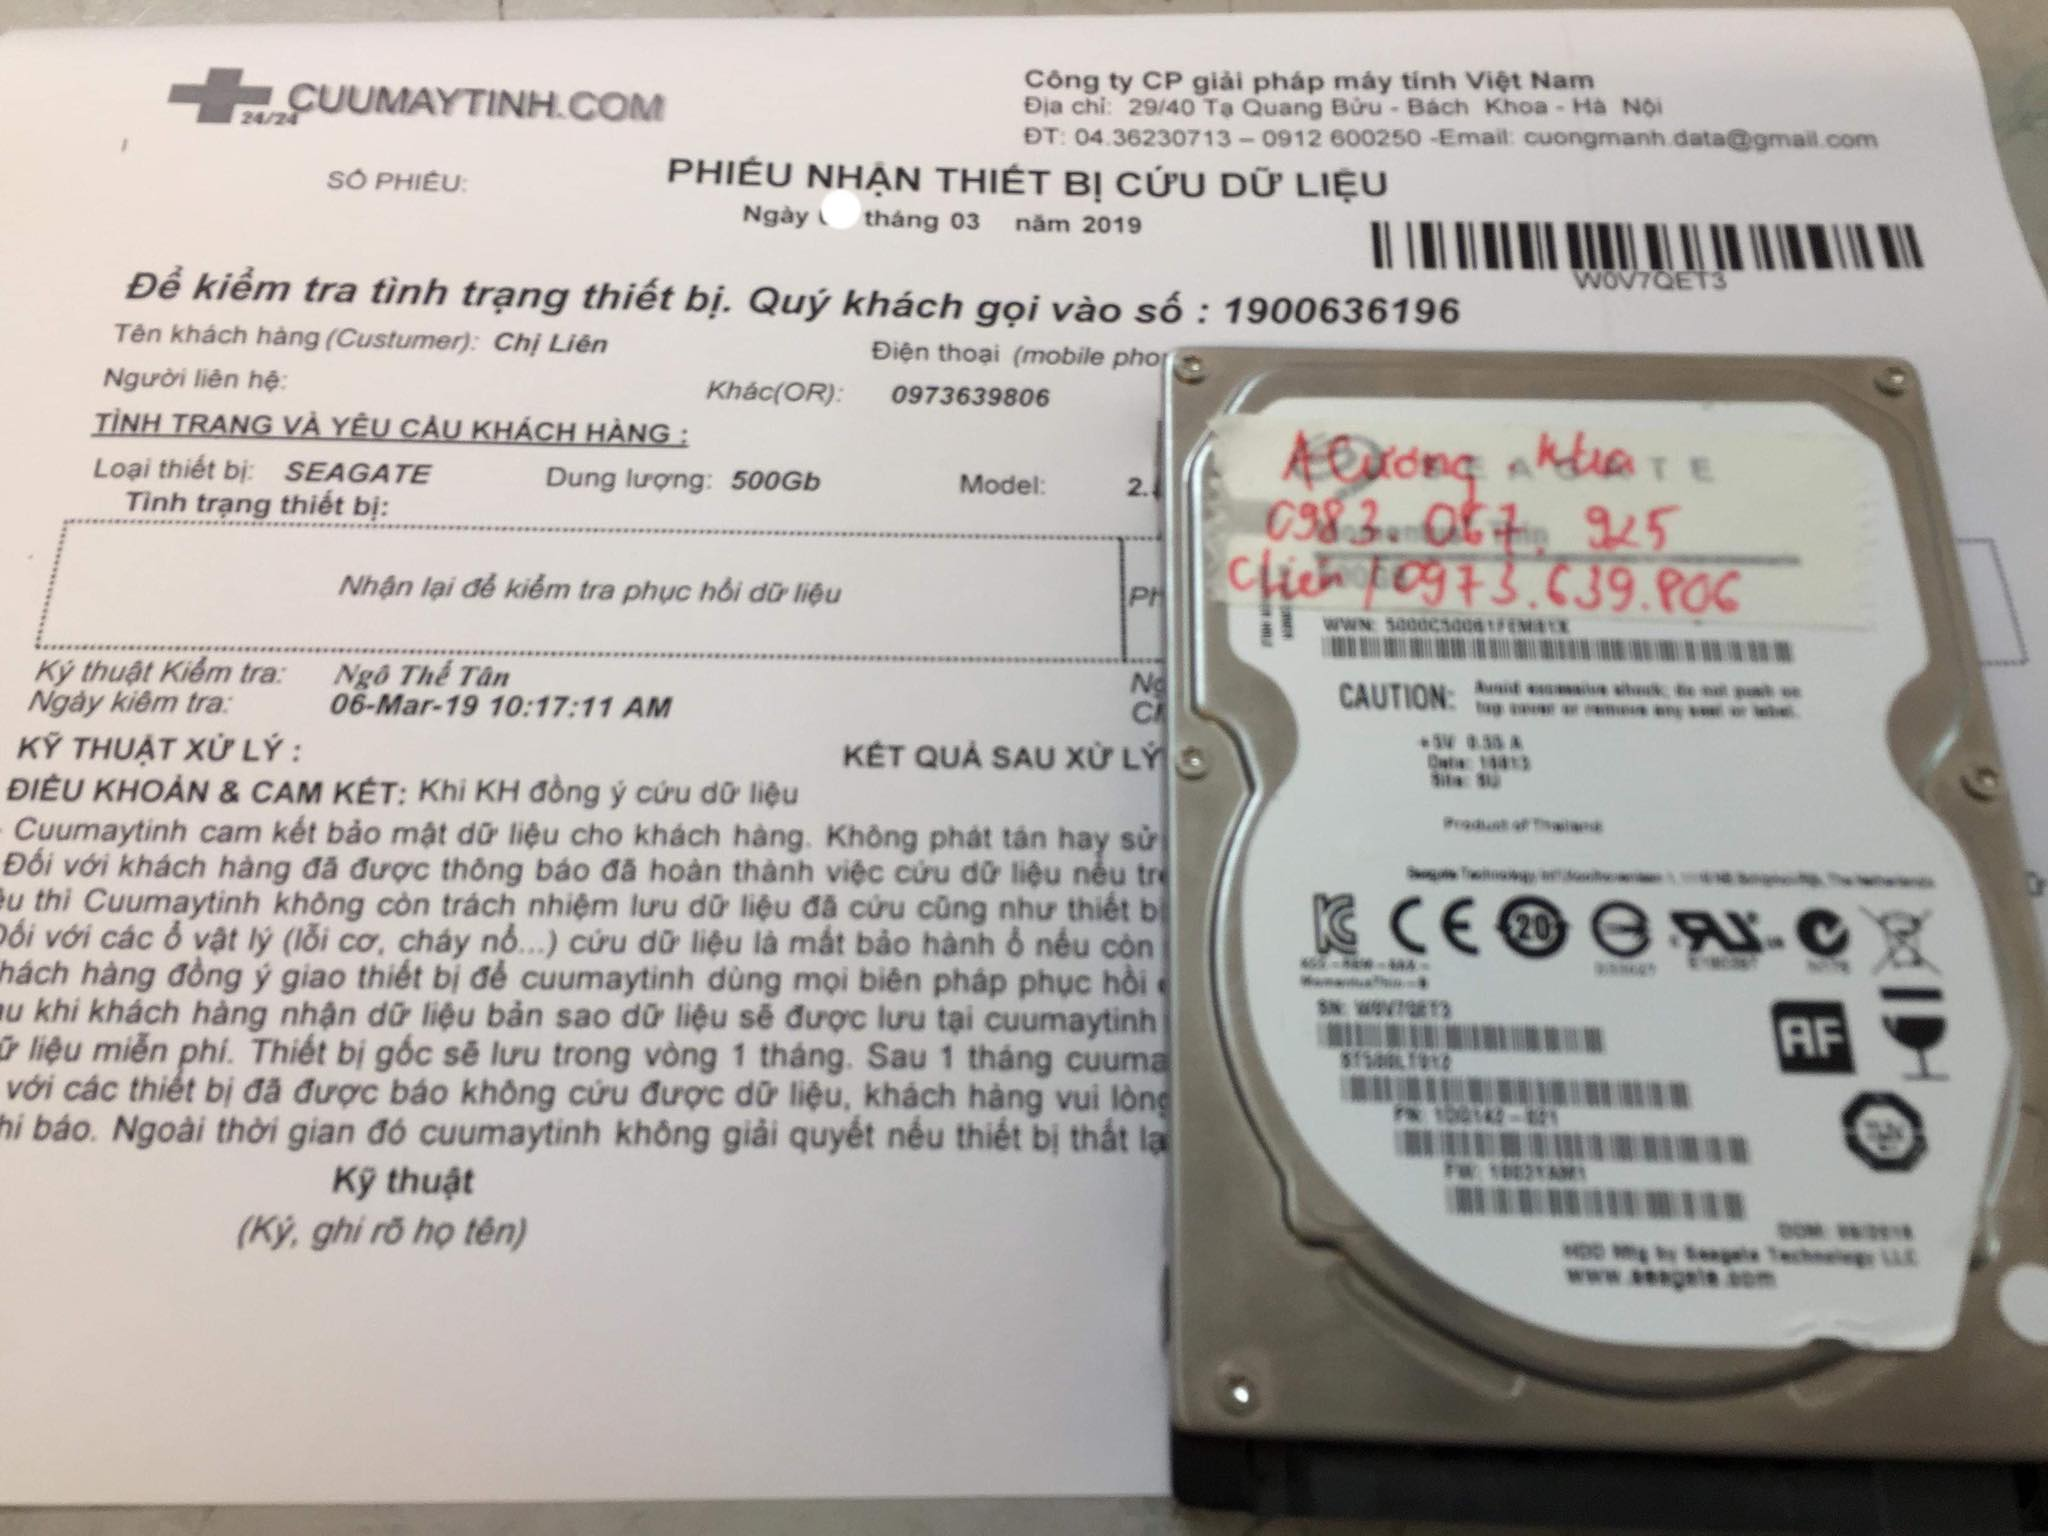 Phục hồi dữ liệu ổ cứng Seagate 500GB đầu đọc kém 08/03/2019 - cuumaytinh